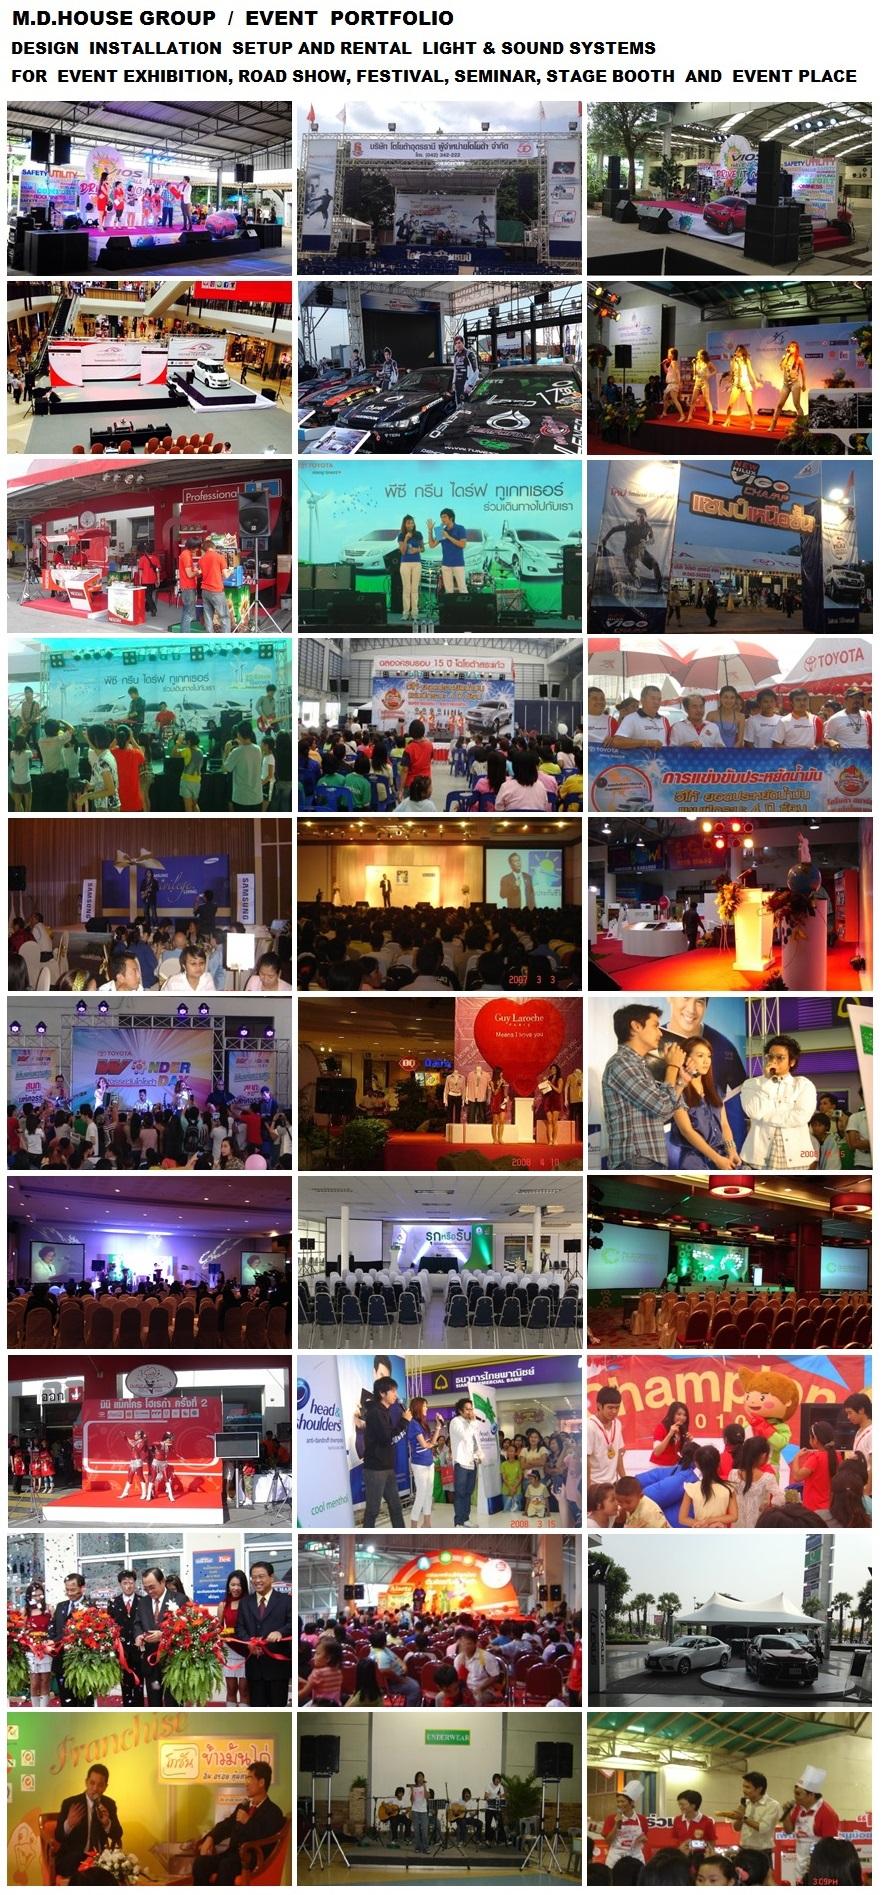 PORTFOLIO 2015 - Event